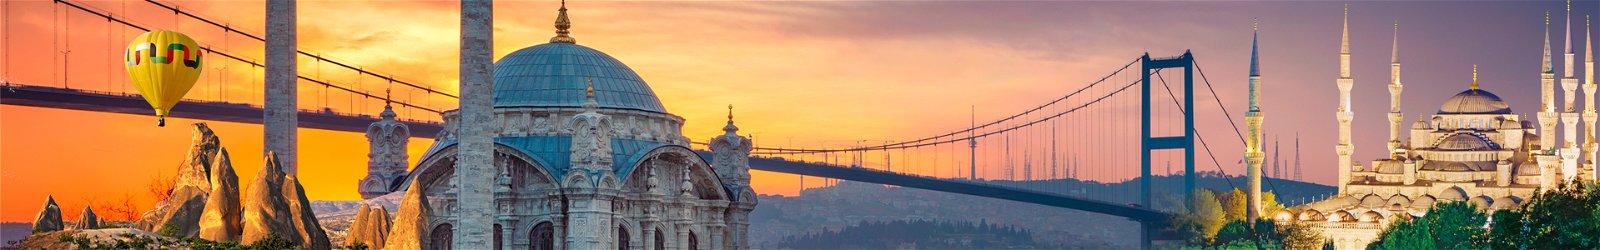 Viajes y paquetes volando con Turkish Airlines desde México 2020 y 2021 desde México 2020